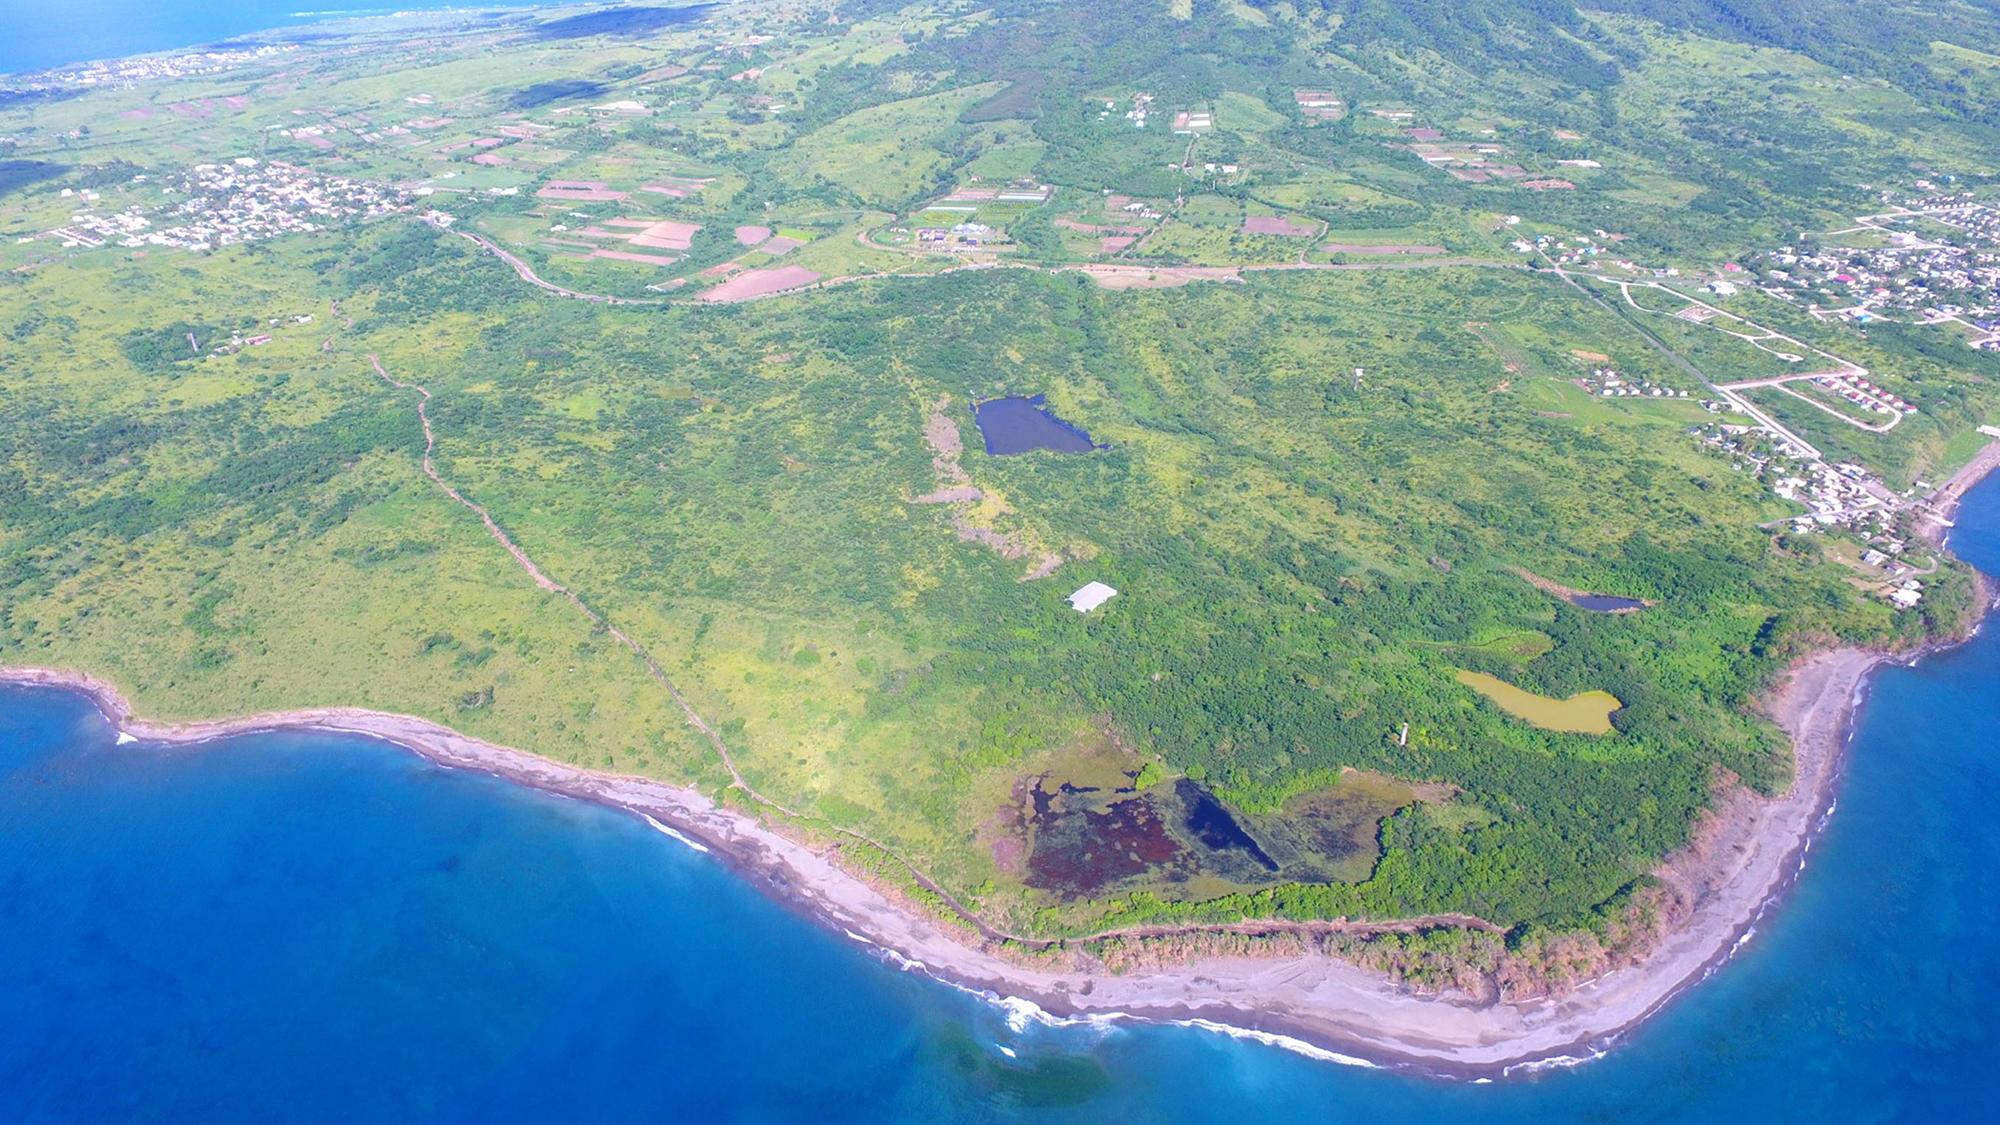 Αποτέλεσμα εικόνας για A new Six Senses resort to open in St. Kitts